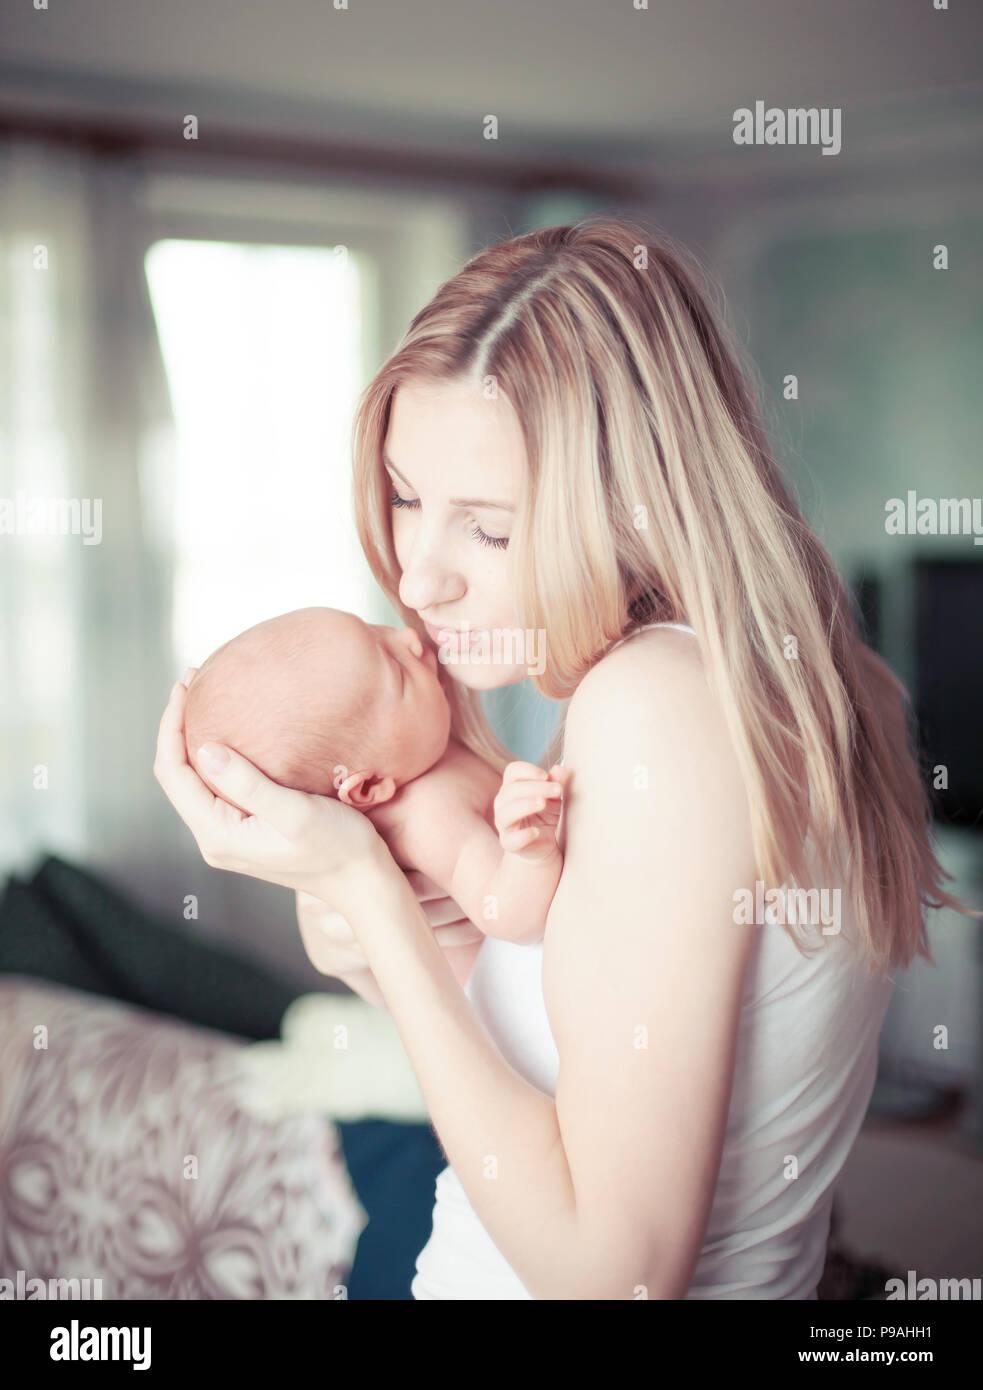 Feliz madre sosteniendo a un niño recién nacido Imagen De Stock